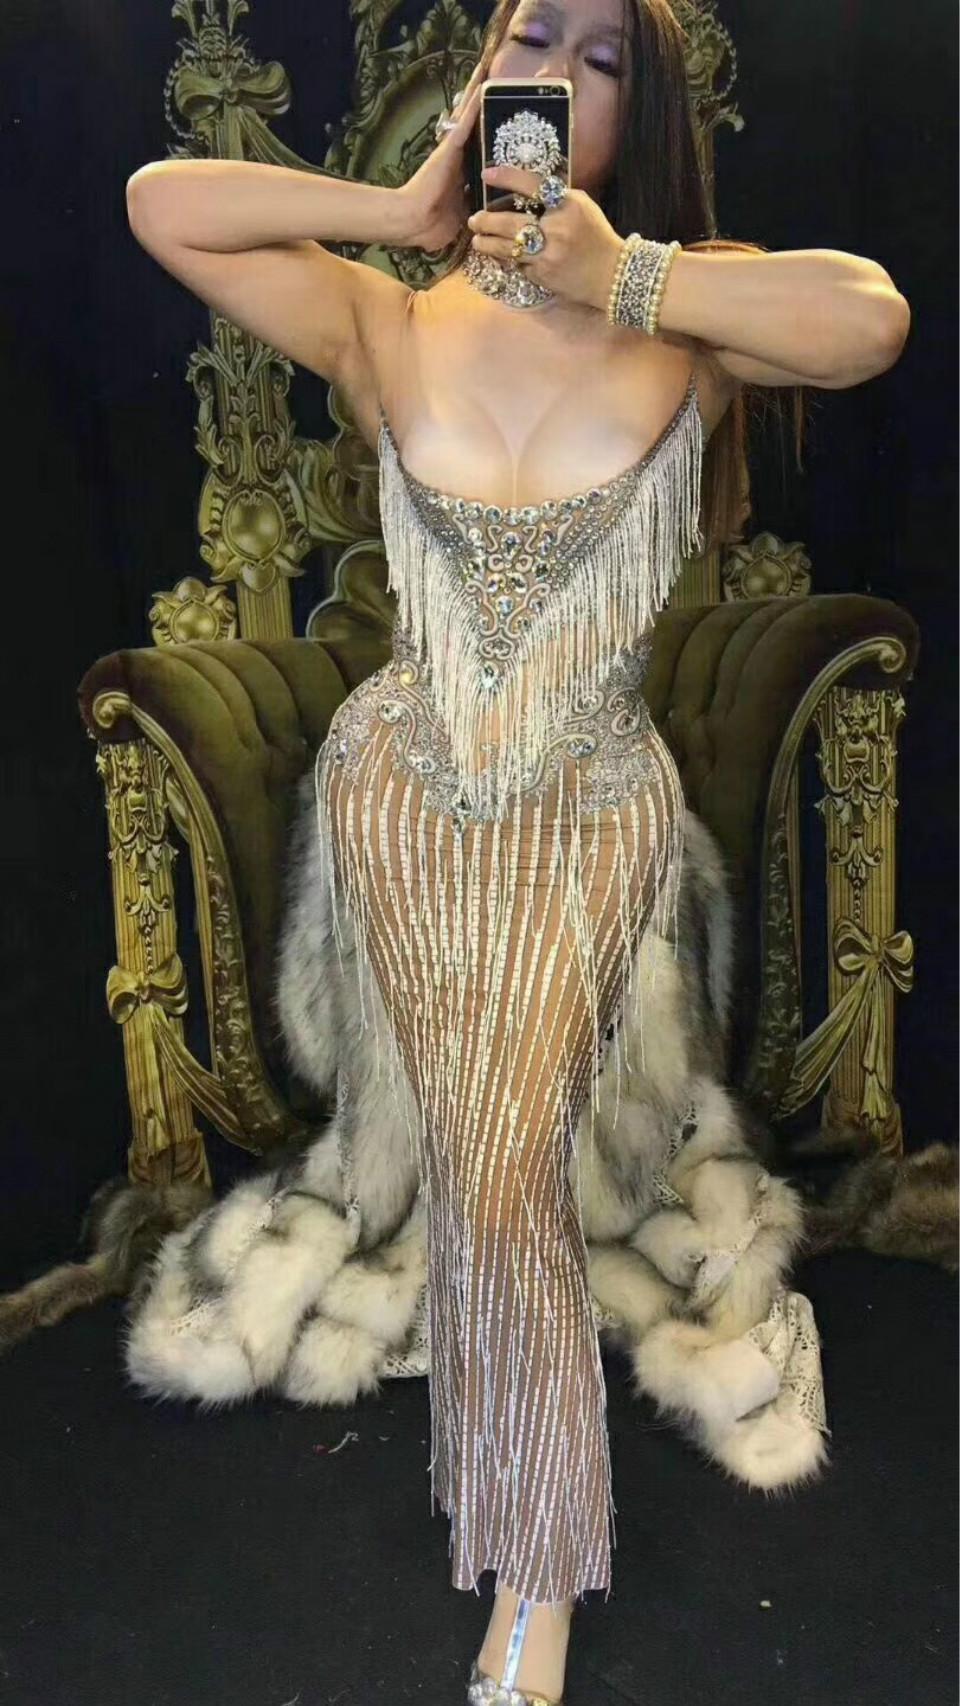 Sparkly Crystals Tassel платье женщин сексуальный ночной клуб камней шеи длинные платья костюм женские выпускные рождения праздновать платья наряд